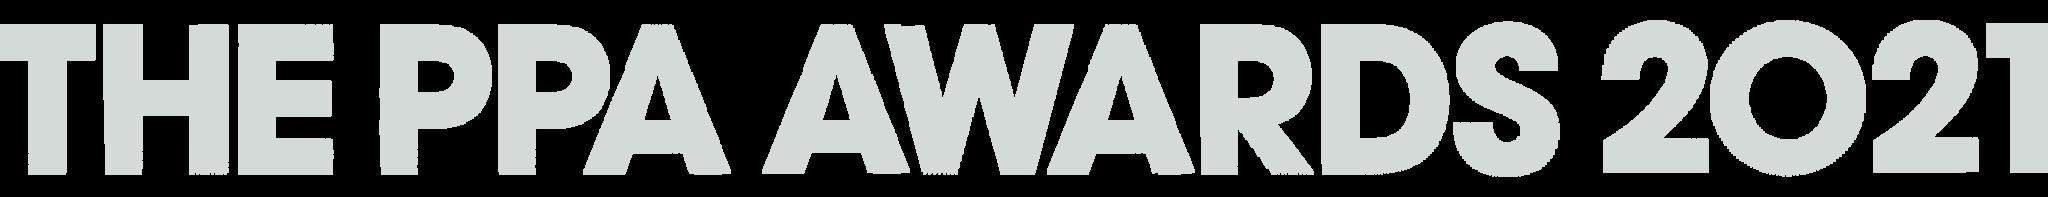 The PPA Awards 2021